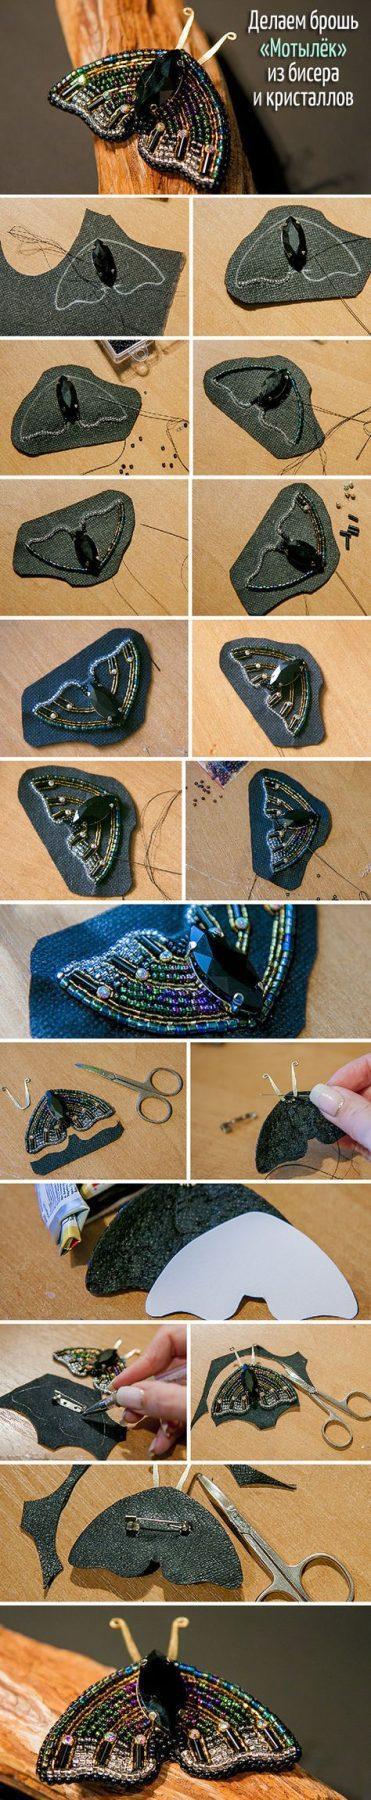 آموزش ساخت سنجاق سینه پروانه جواهر دوزی شده